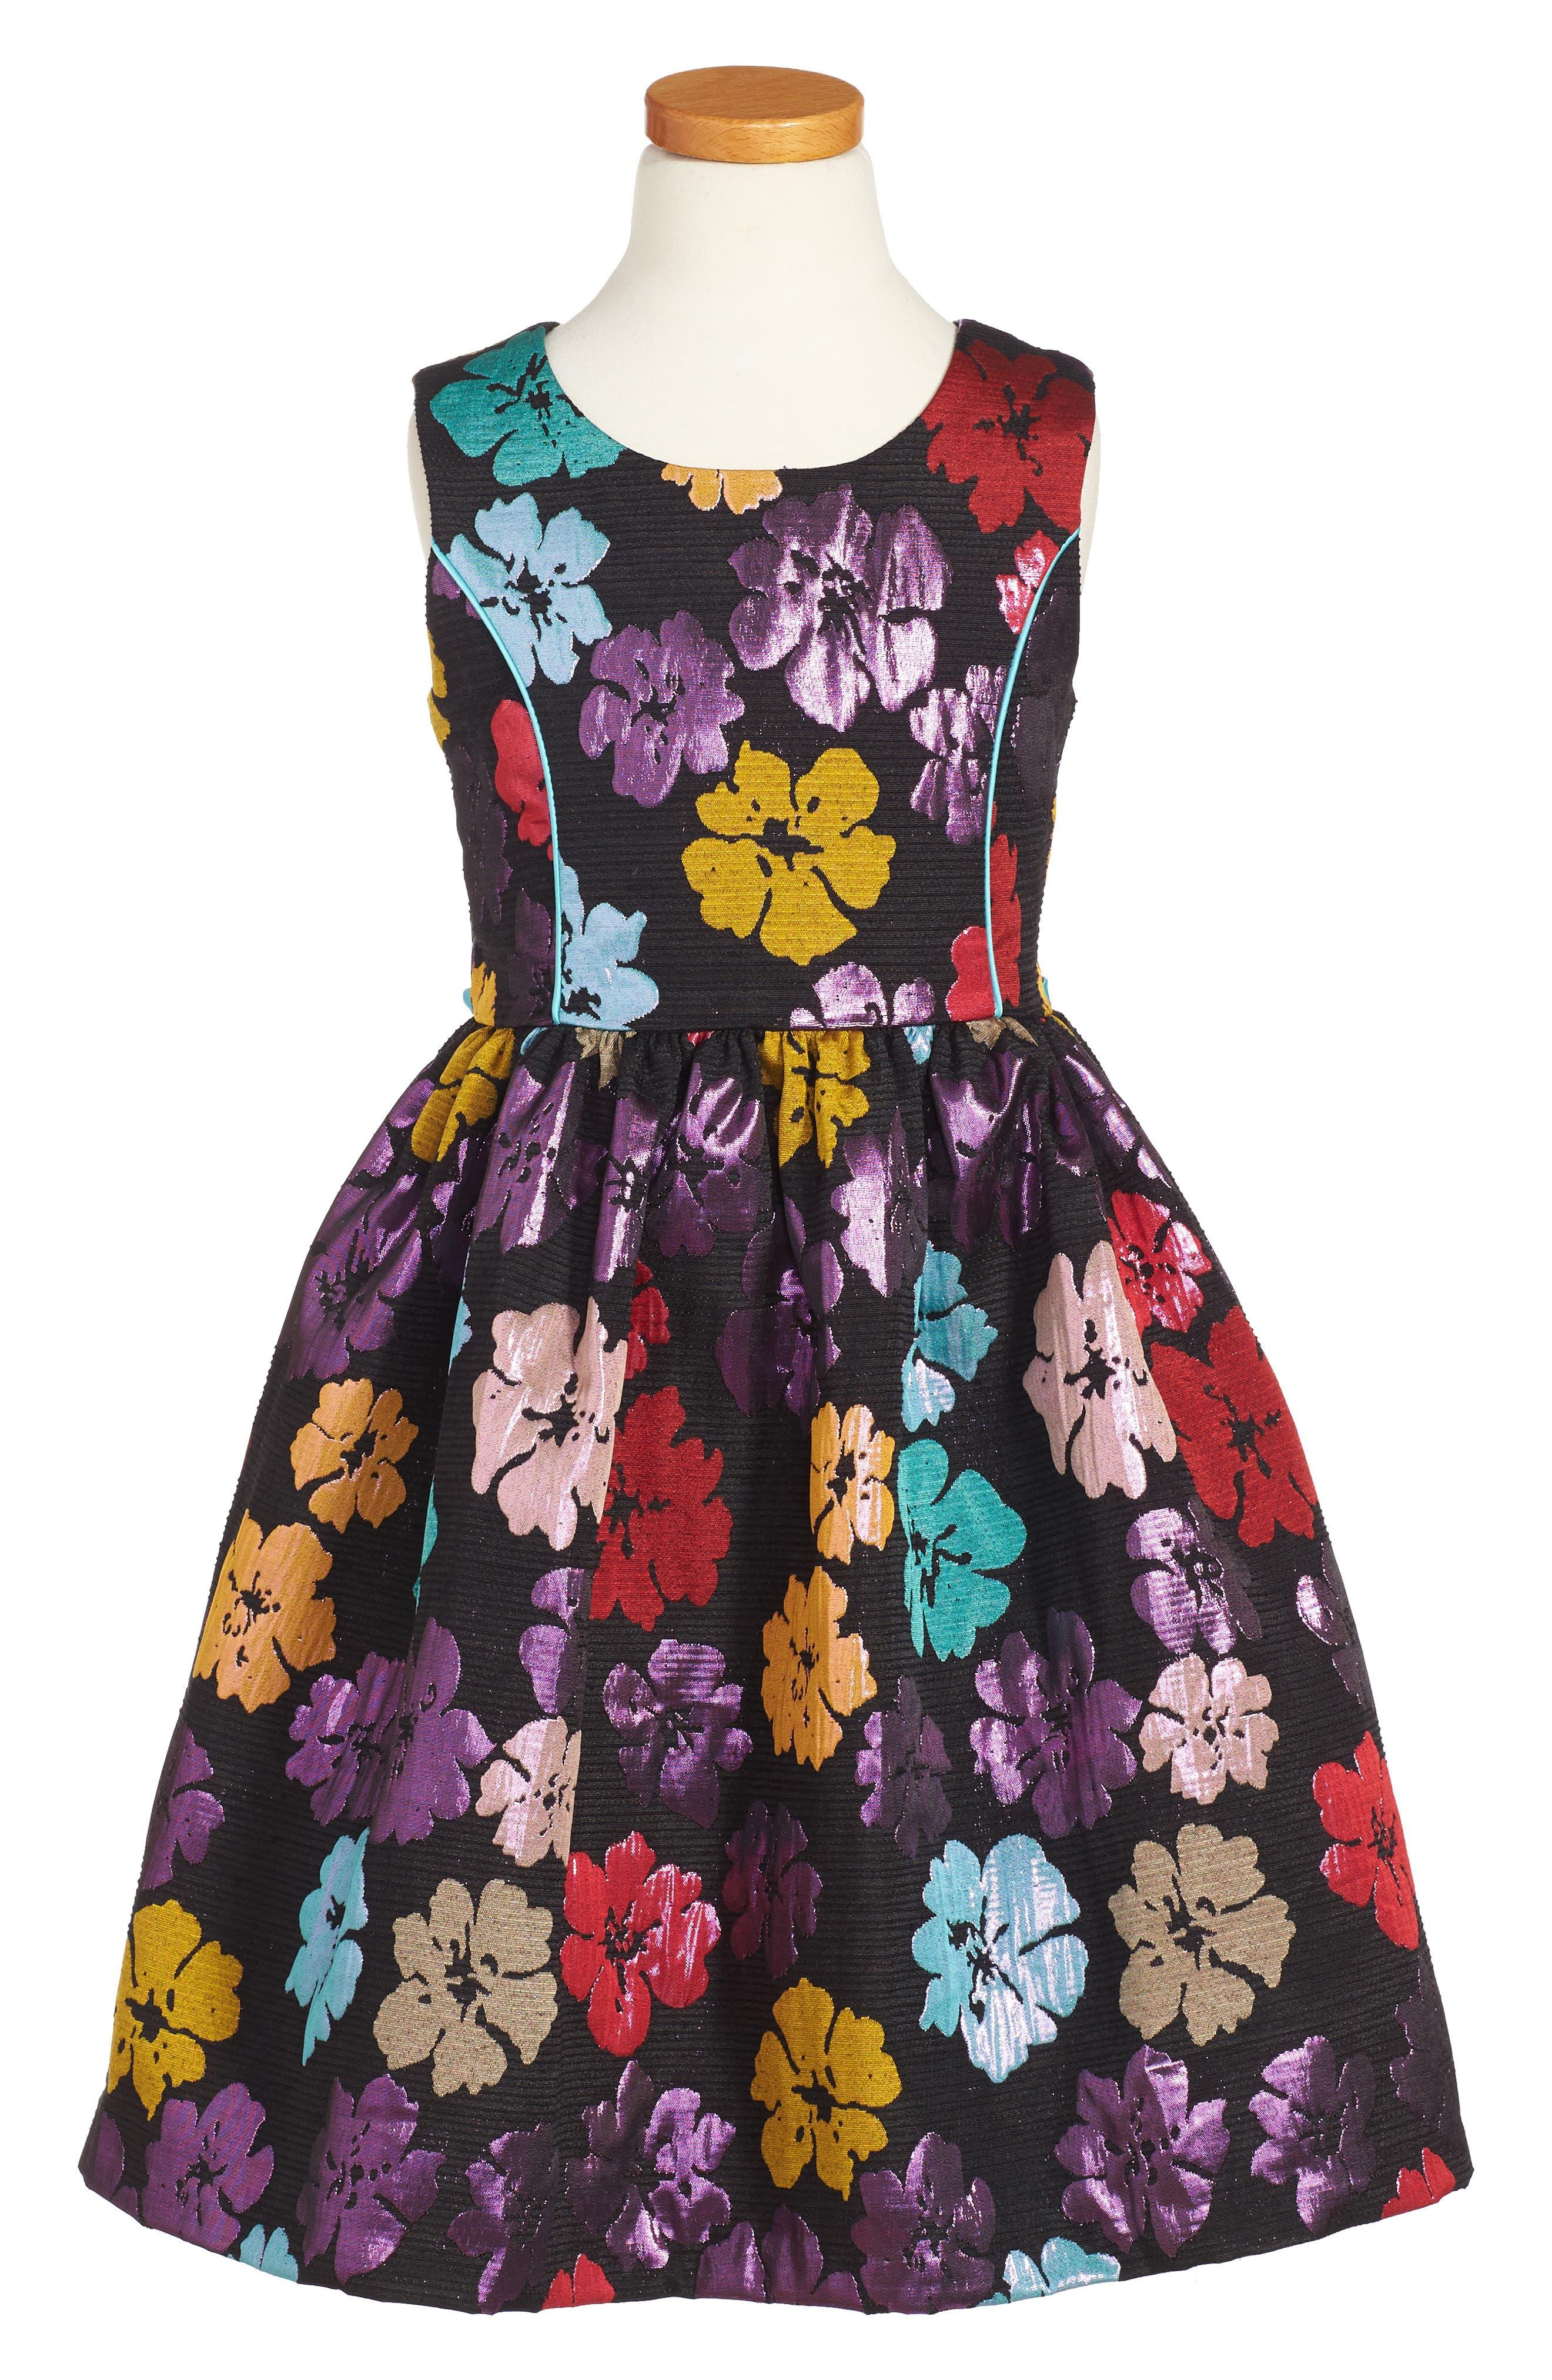 Frais Metallic Floral Dress (Toddler Girls, Little Girls & Big Girls)